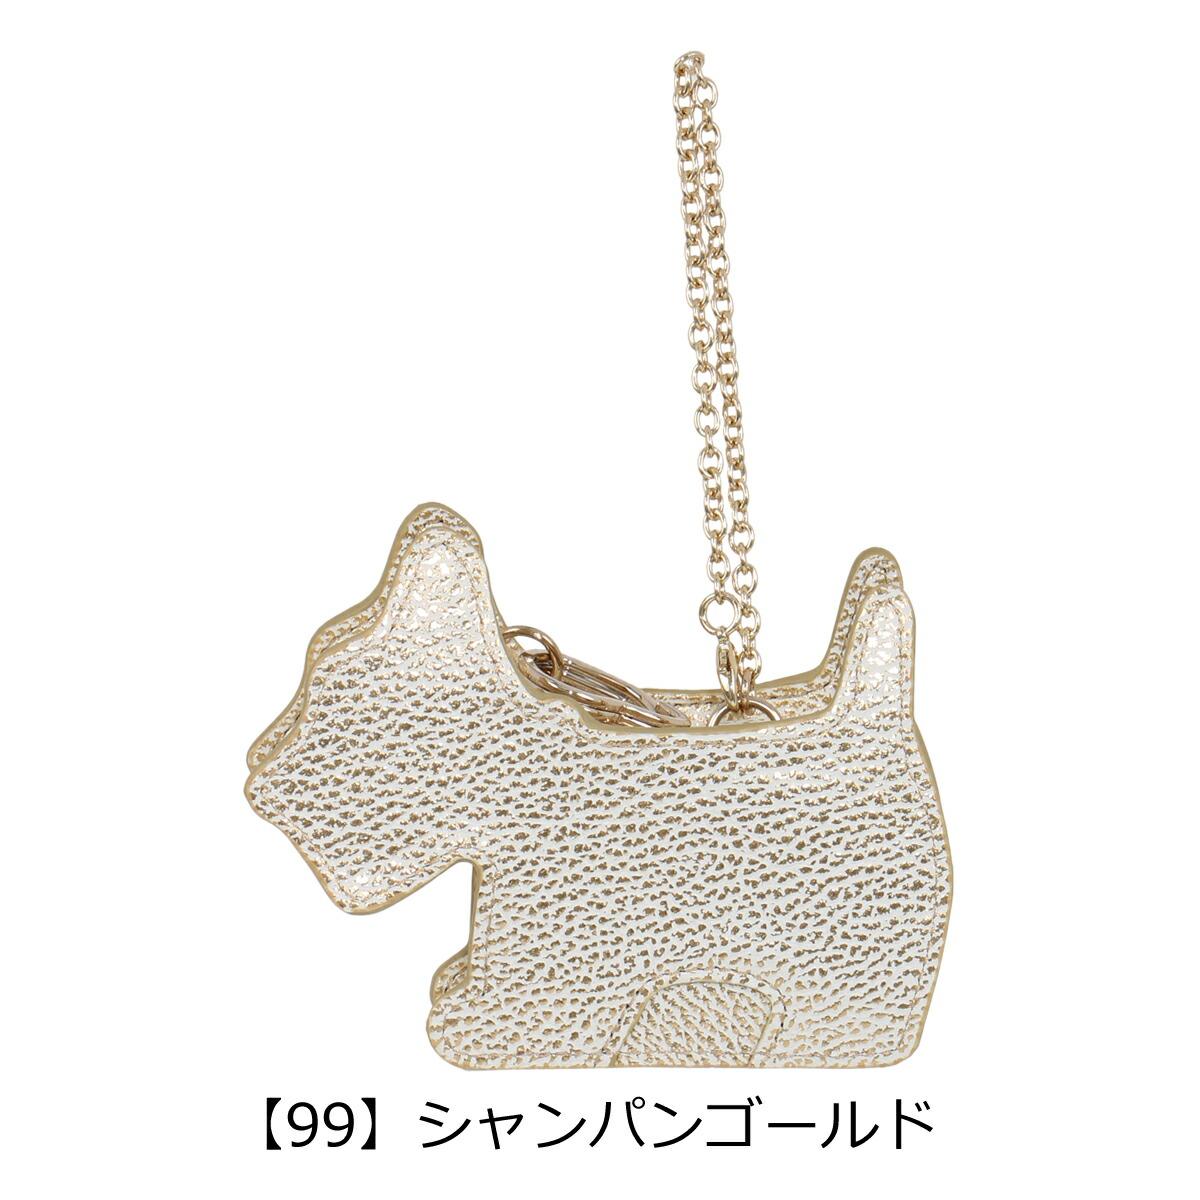 【99】シャンパンゴールド